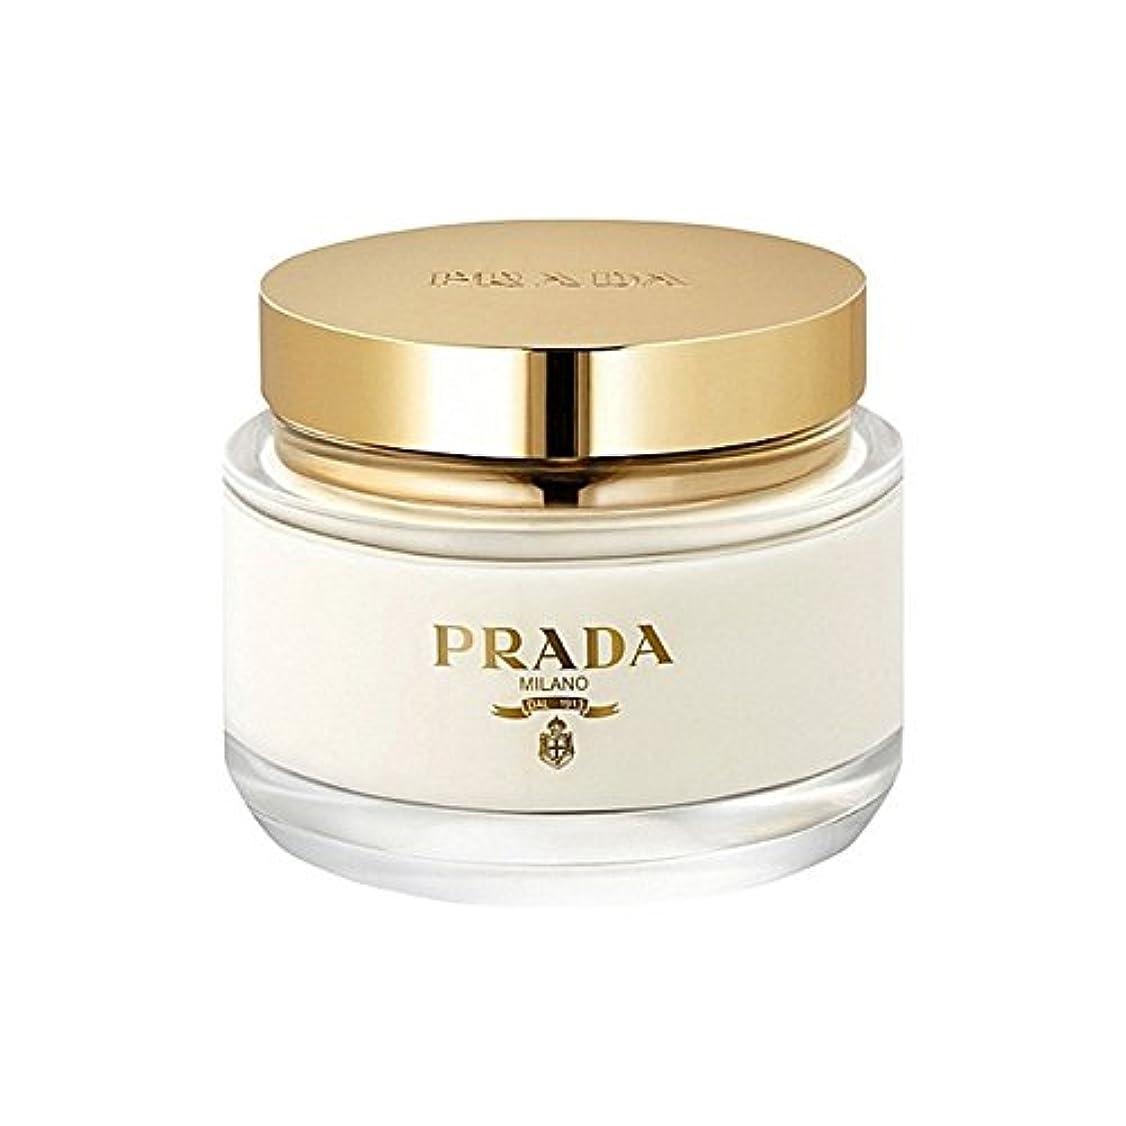 お願いします包帯バンケットプラダラファムボディクリーム200ミリリットル x2 - Prada La Femme Body Cream 200ml (Pack of 2) [並行輸入品]